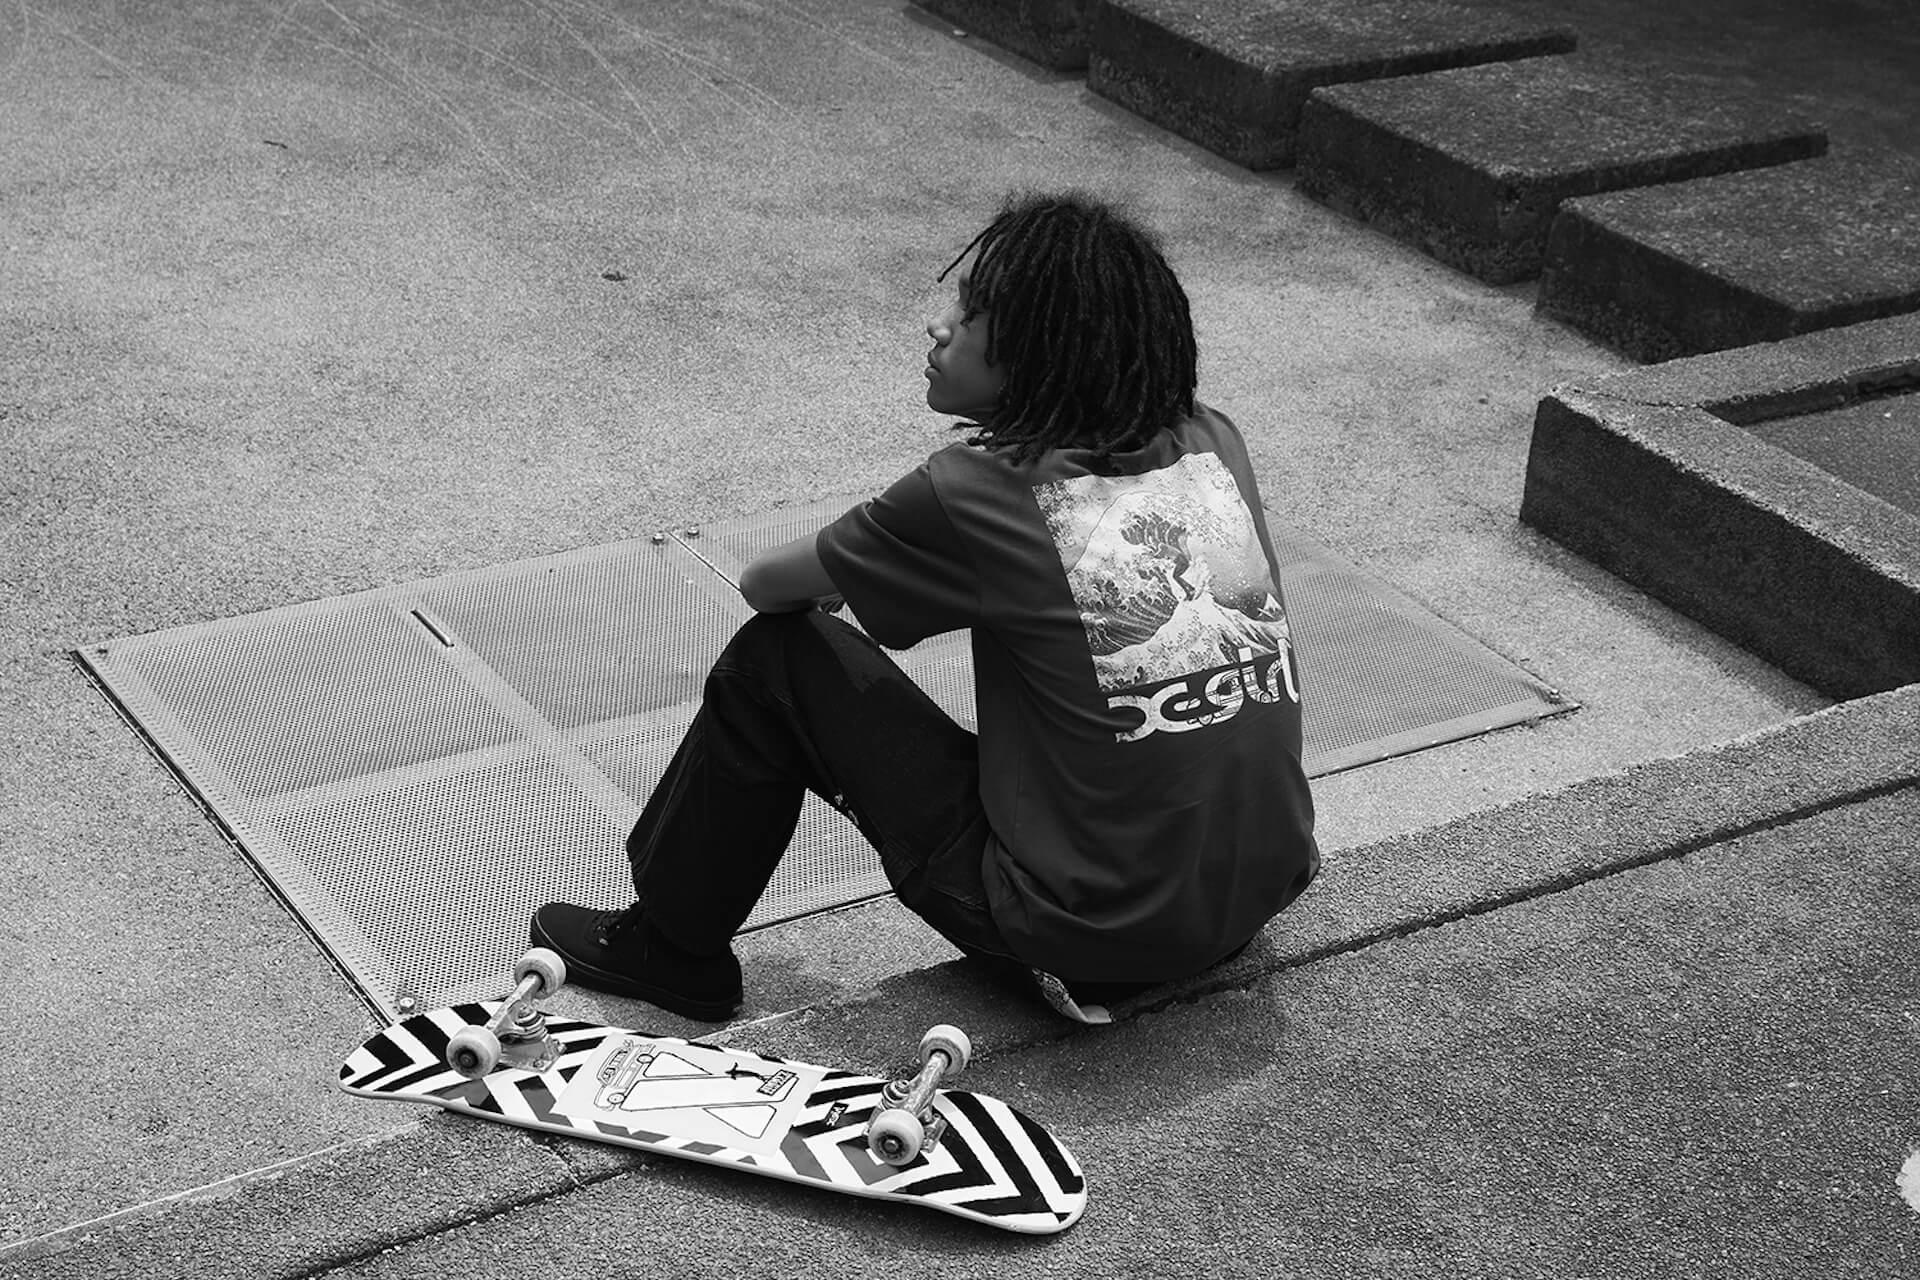 X-girlが南カリフォルニア発のサーフ&スケートブランドJIMMY'Zとのコラボコレクションを発表!先行予約開始中 life210607_jimmyz-x-girl_3